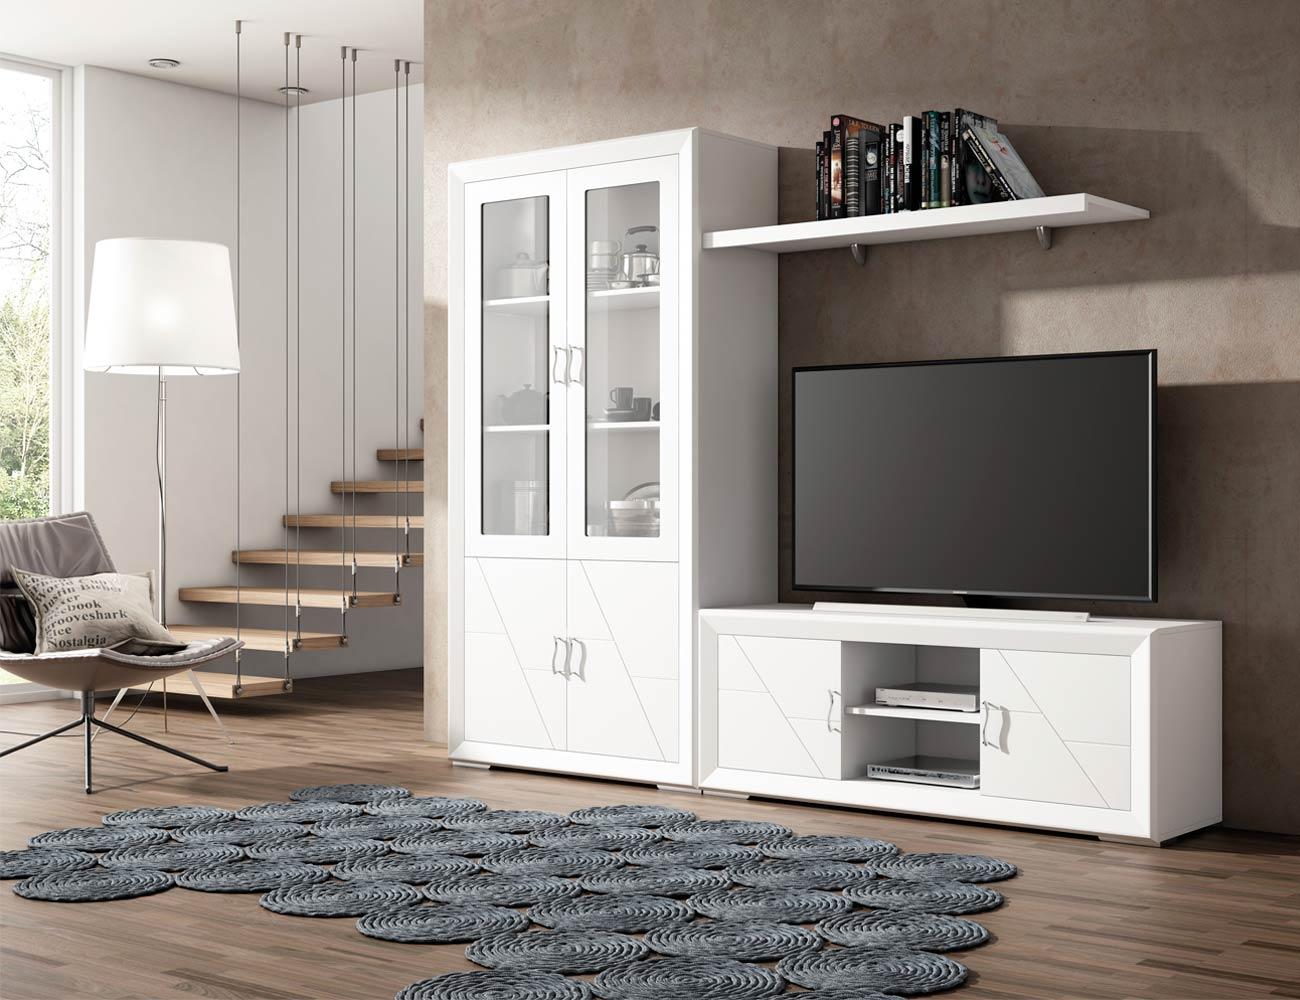 Muebles de gran calidad en madera con vitrina y mesa tv en - Muebles de salon lacados en blanco ...